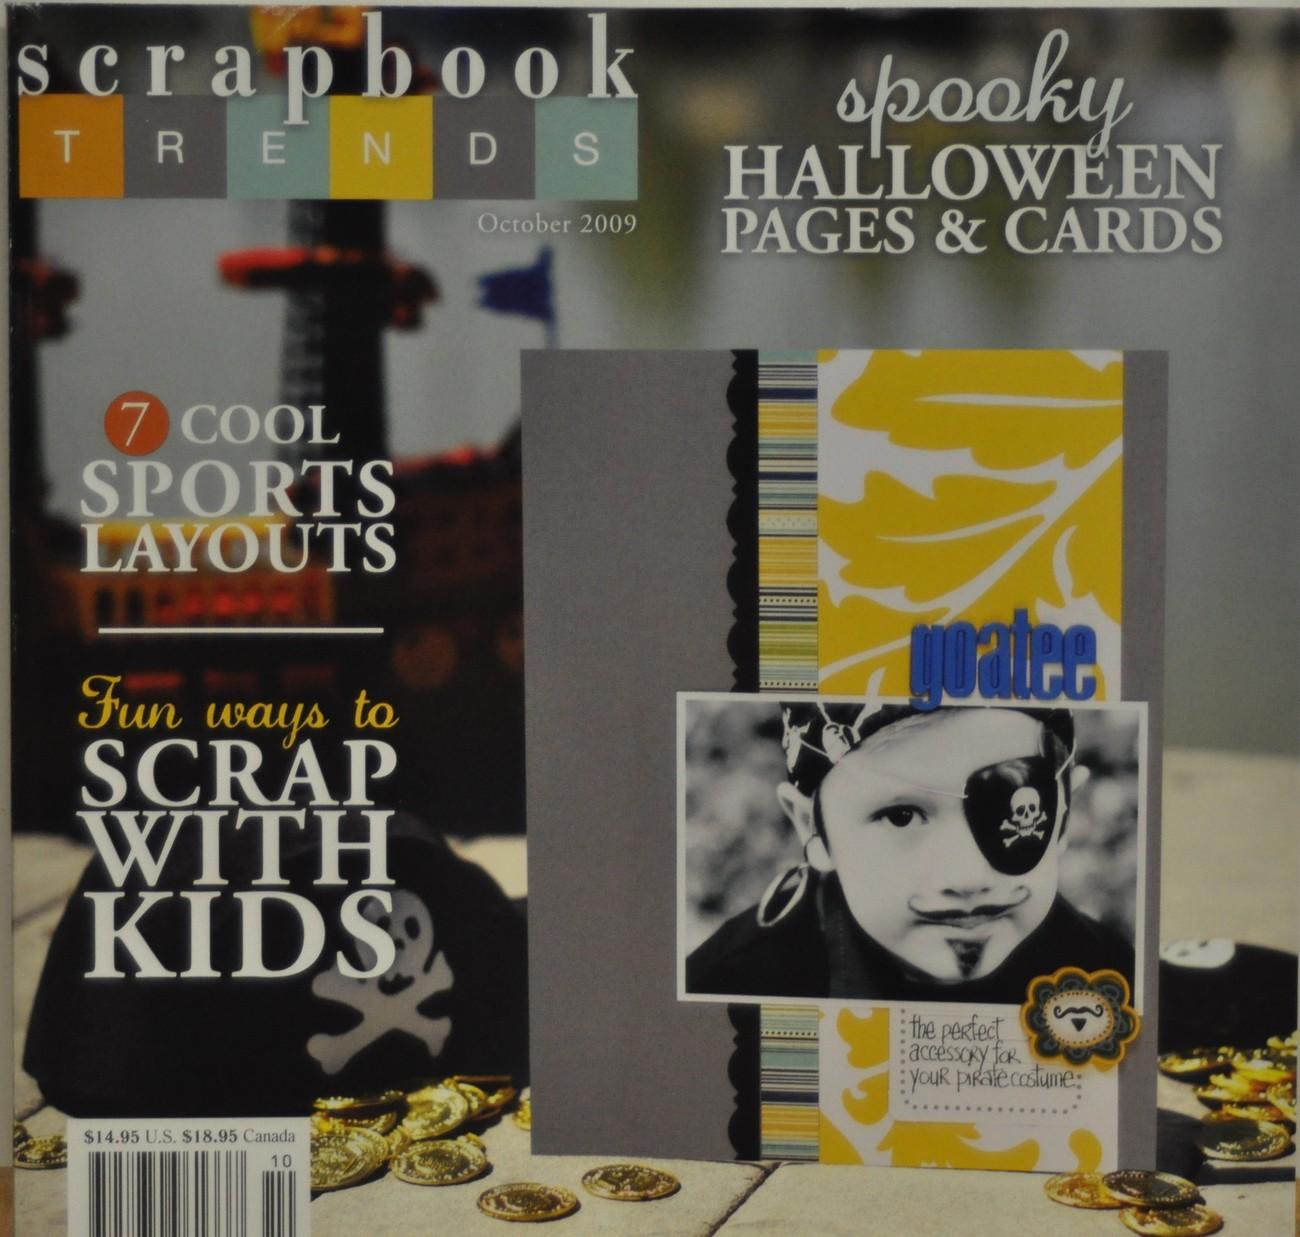 Scrapbook oct 09